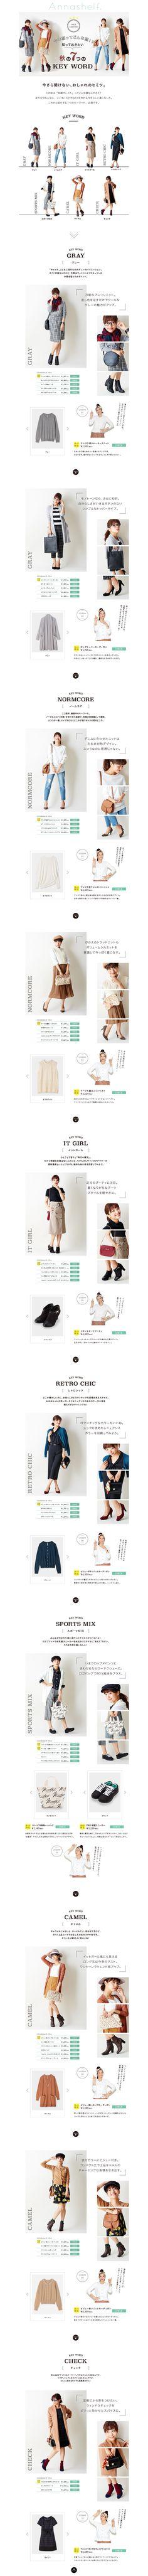 ファッション通販イマージュネット【ファッション関連】のLPデザイン。WEBデザイナーさん必見!ランディングページのデザイン参考に(かわいい系)